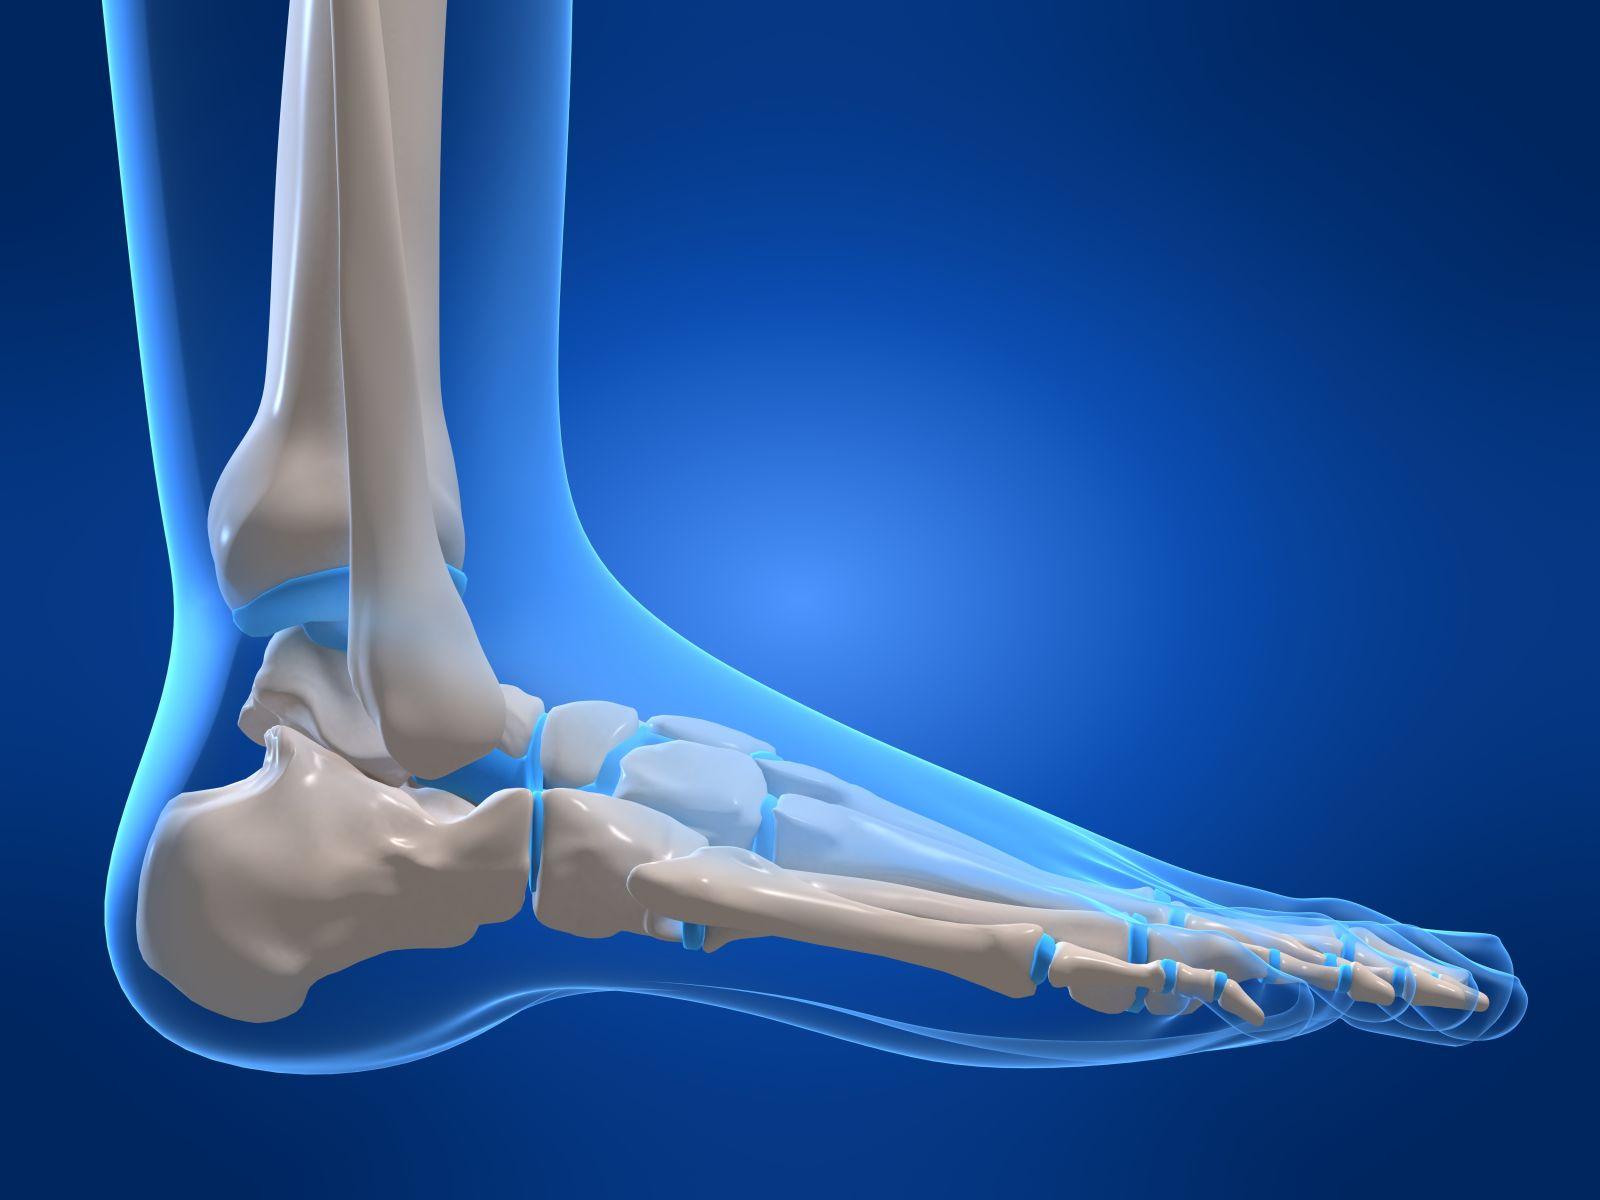 Бурсит ахиллова сухожилия - причины и признаки бурсита ахиллова сухожилия